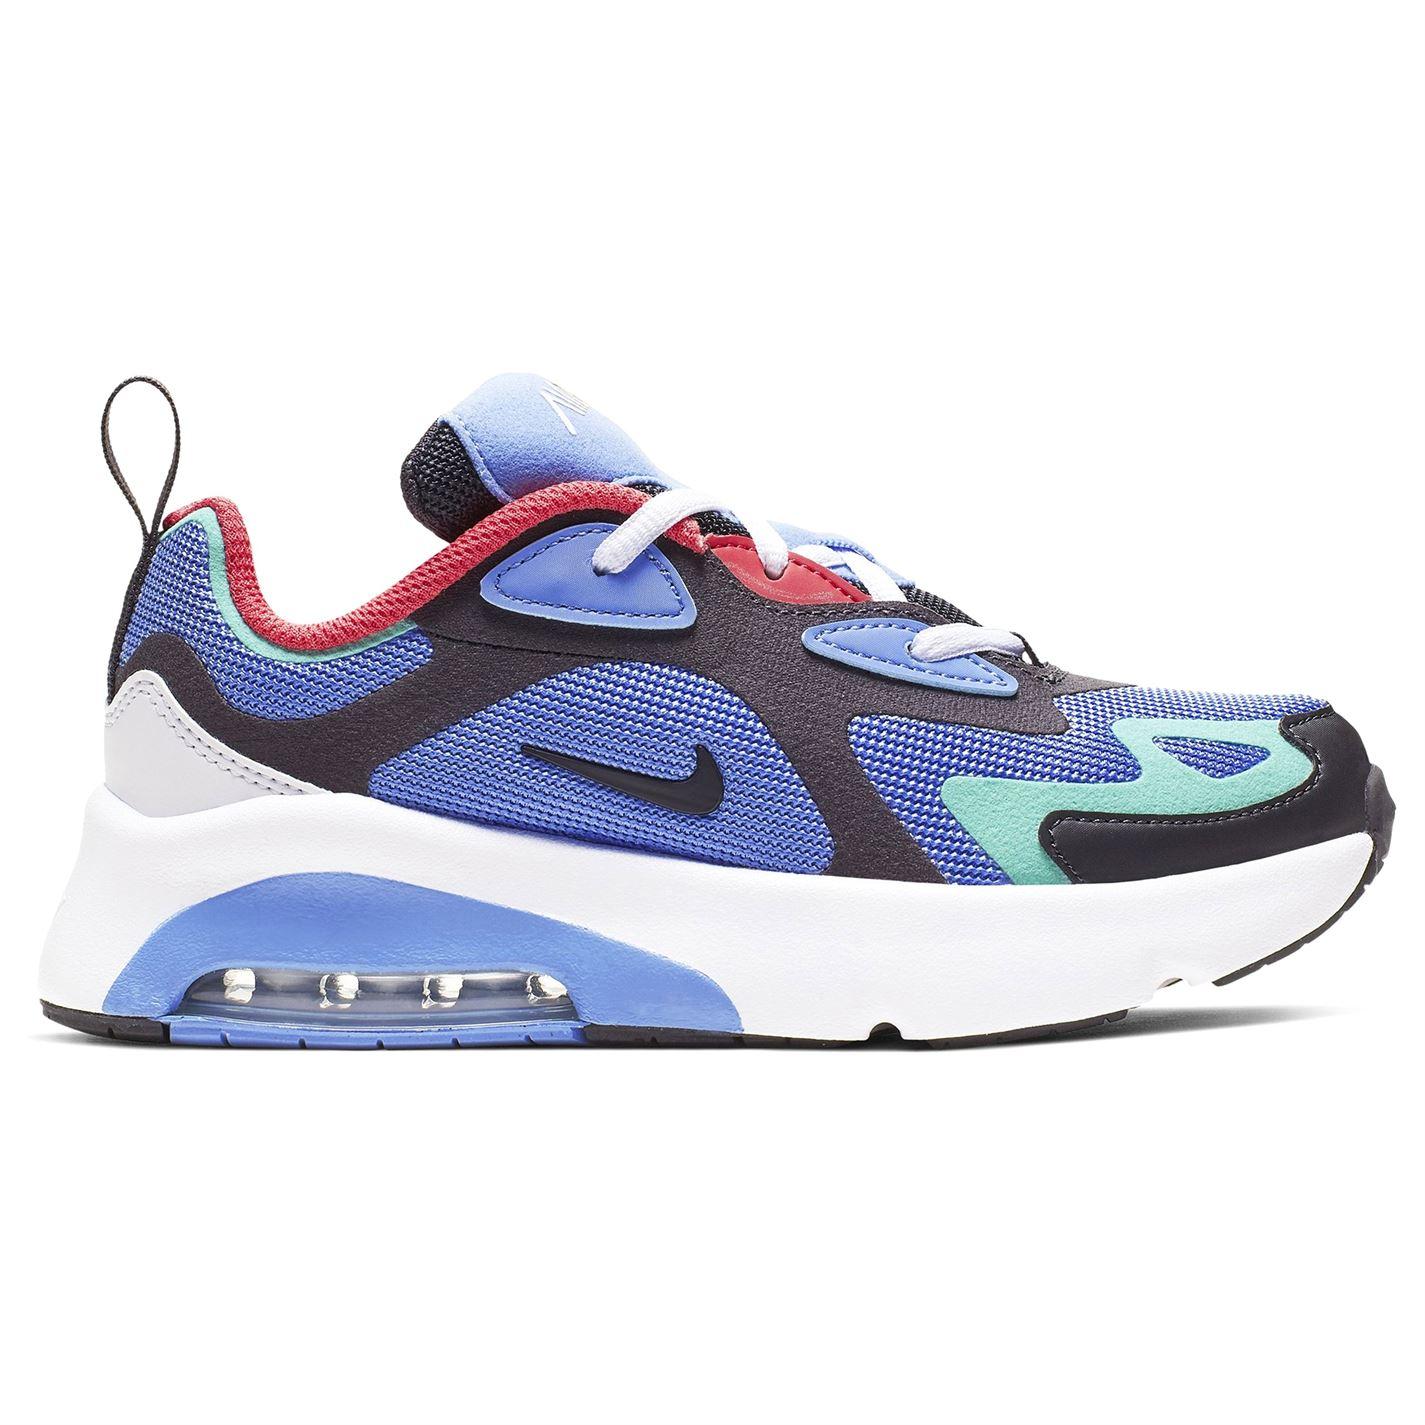 Nike Air Max 200 Chd02